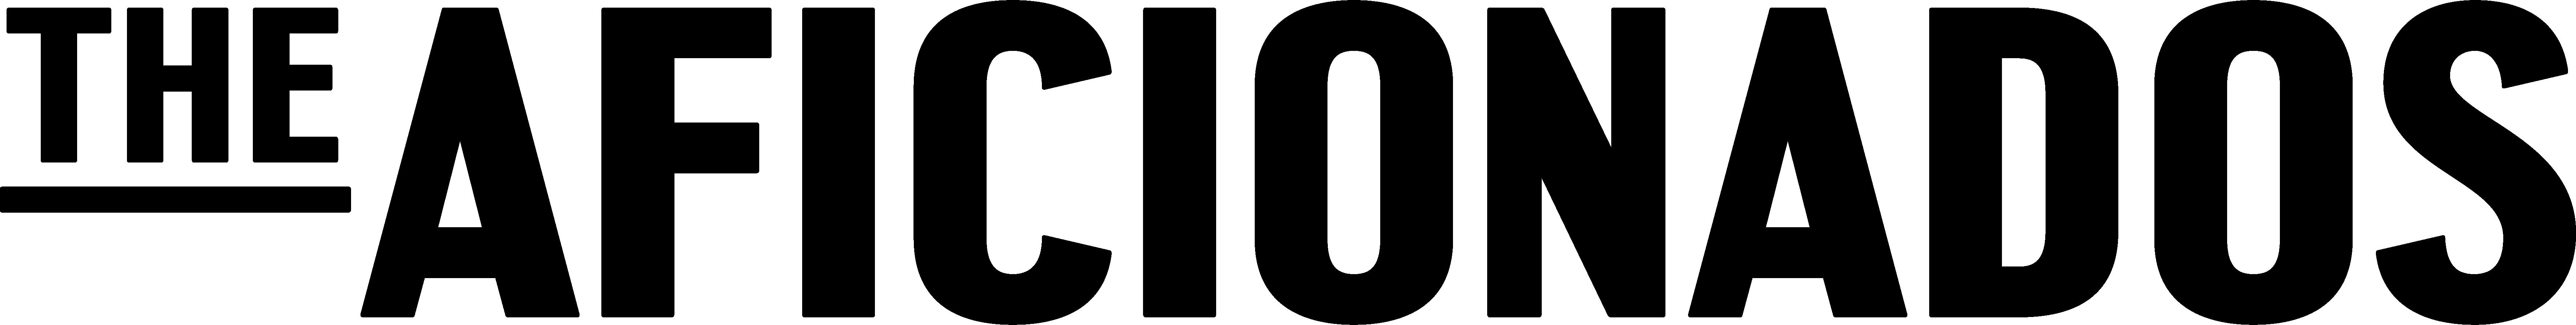 THE AFICIONADOS